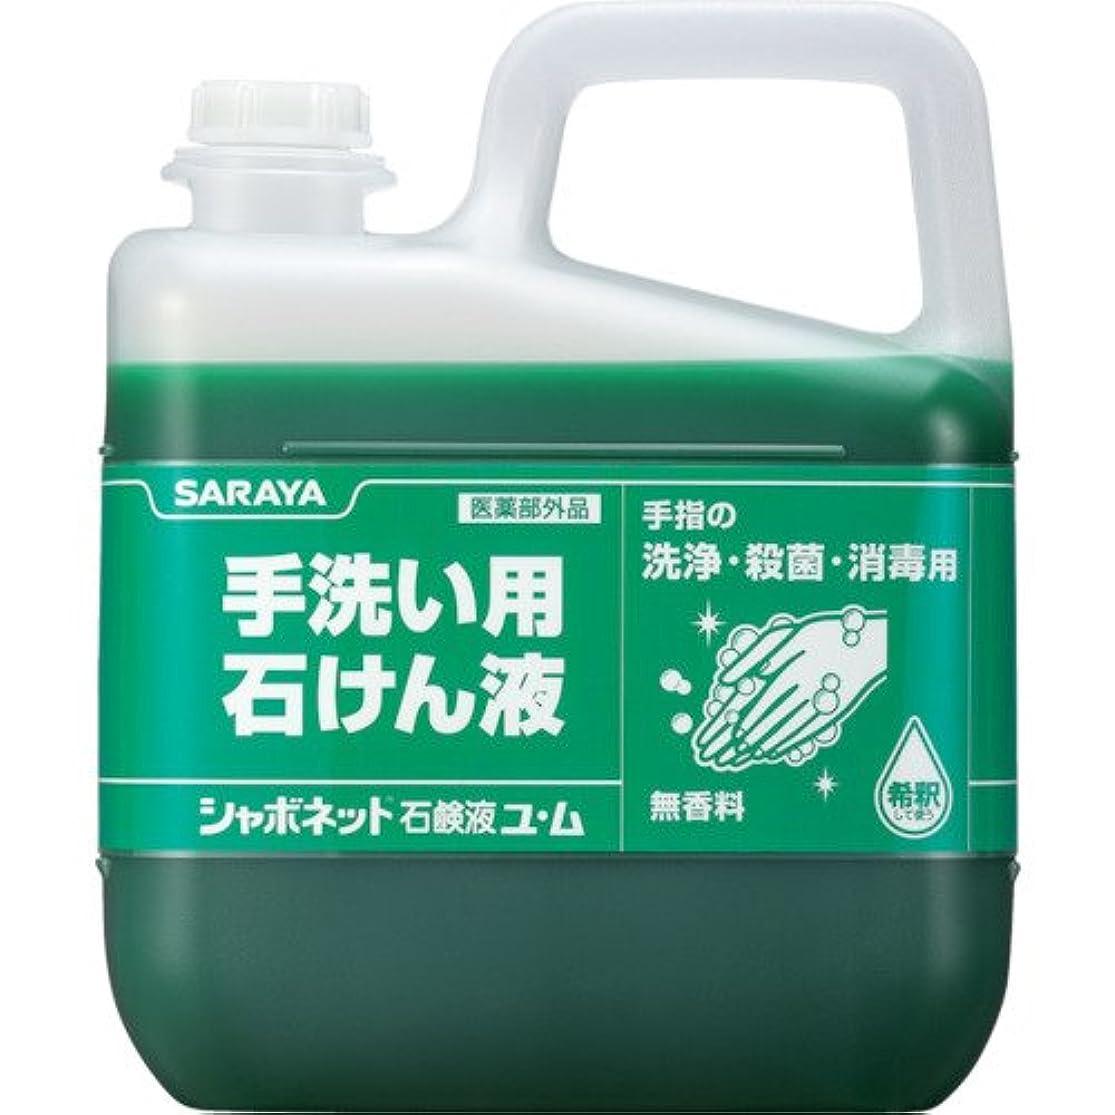 放牧する高価な郵便物サラヤ ハンドソープ シャボネット石鹸液ユ?ム 5kg